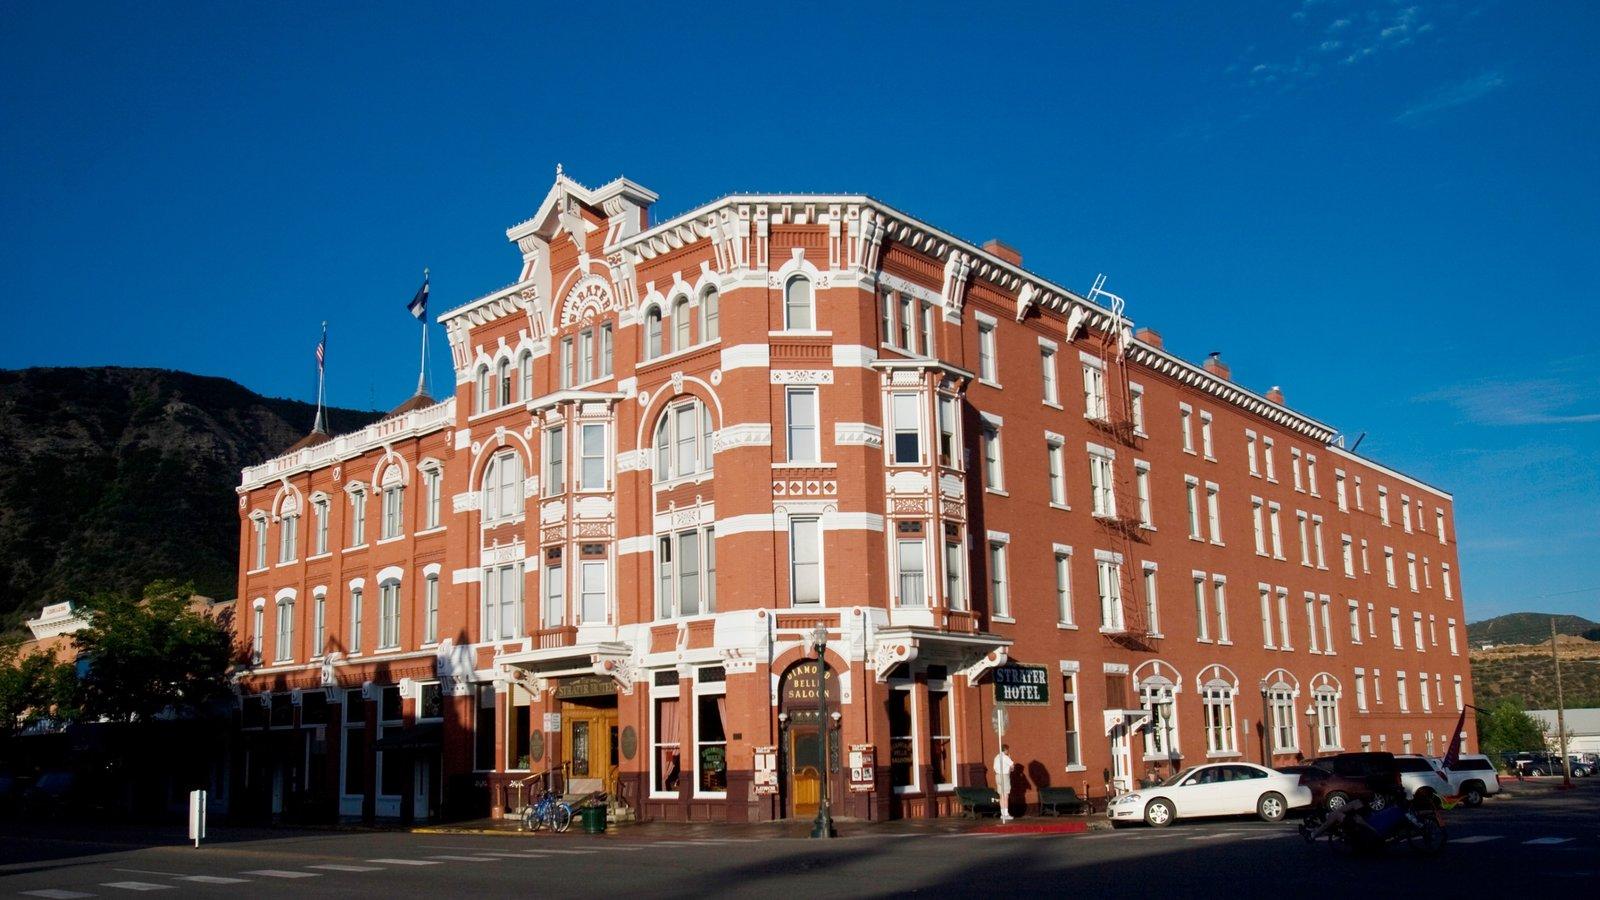 Durango mostrando arquitetura de patrimônio